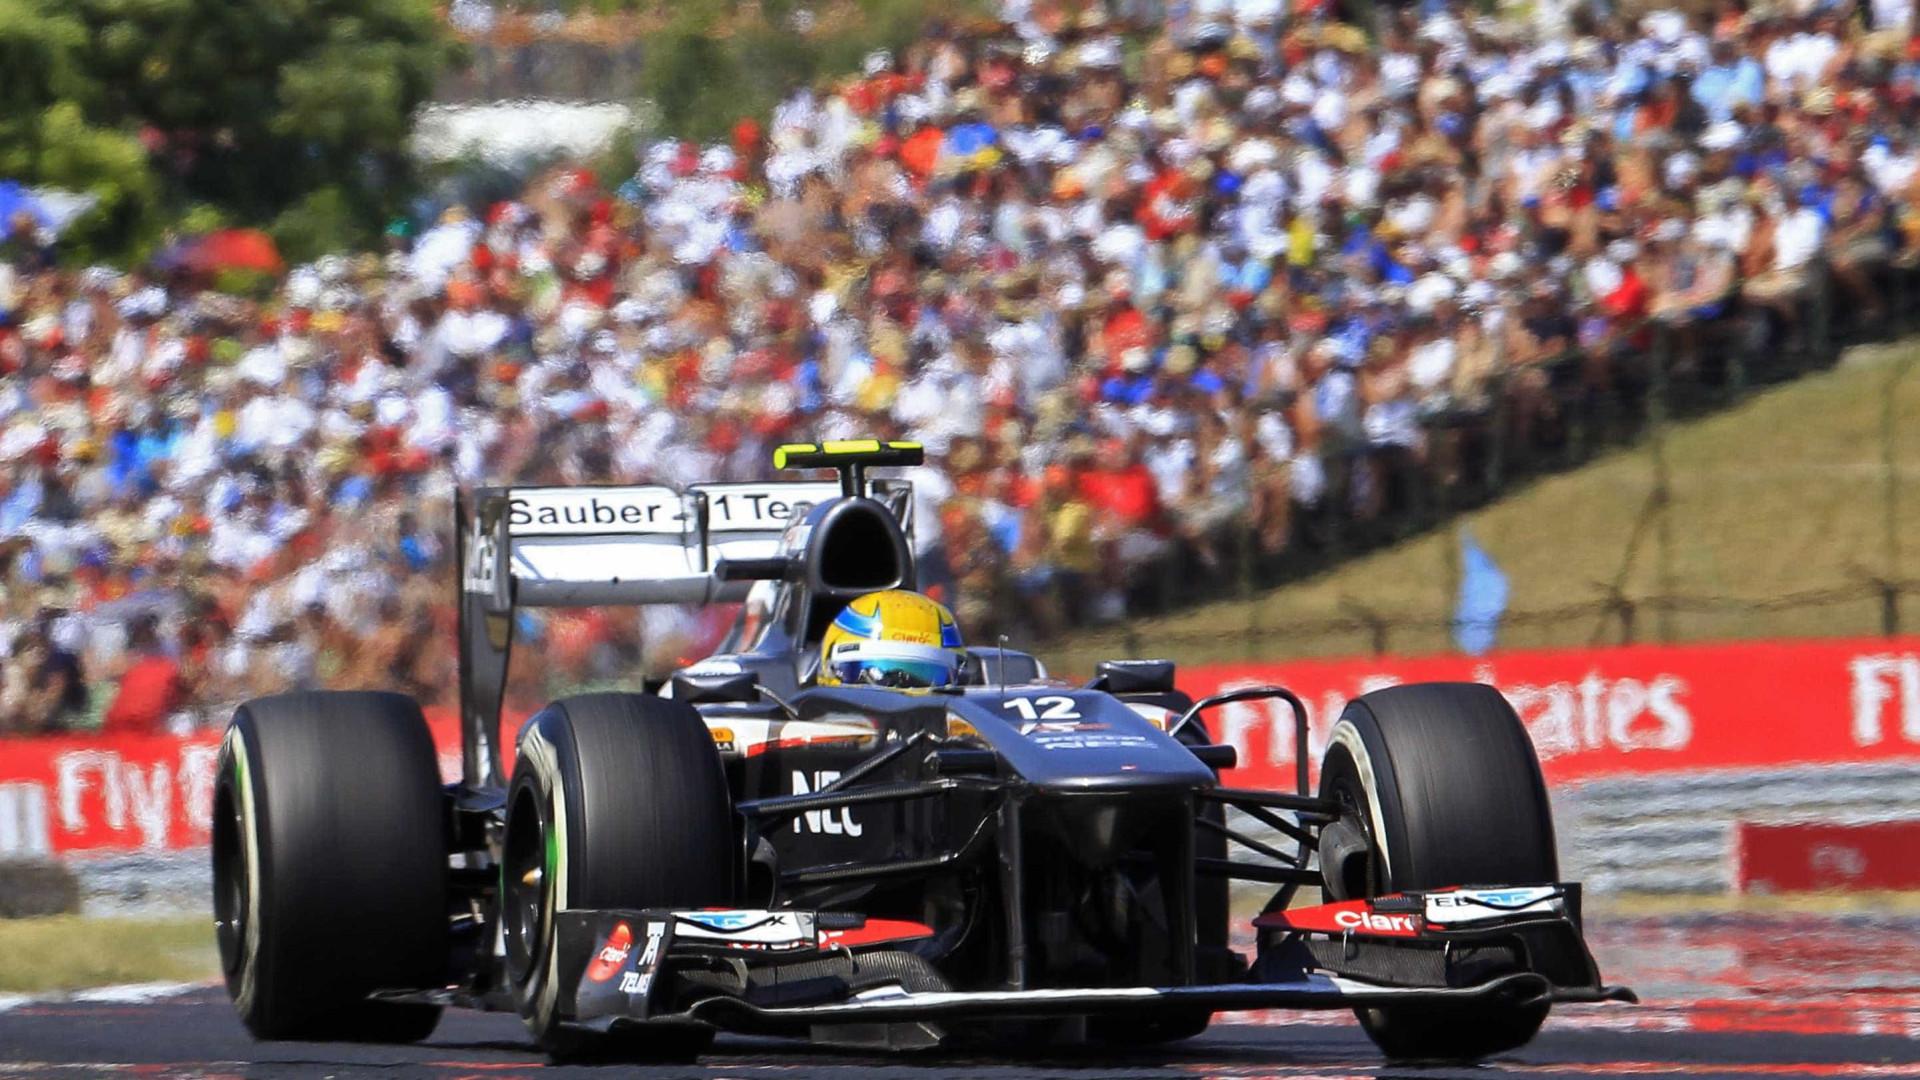 Fórmula 1 anuncia cancelamento da 1ª etapa da temporada, na Austrália